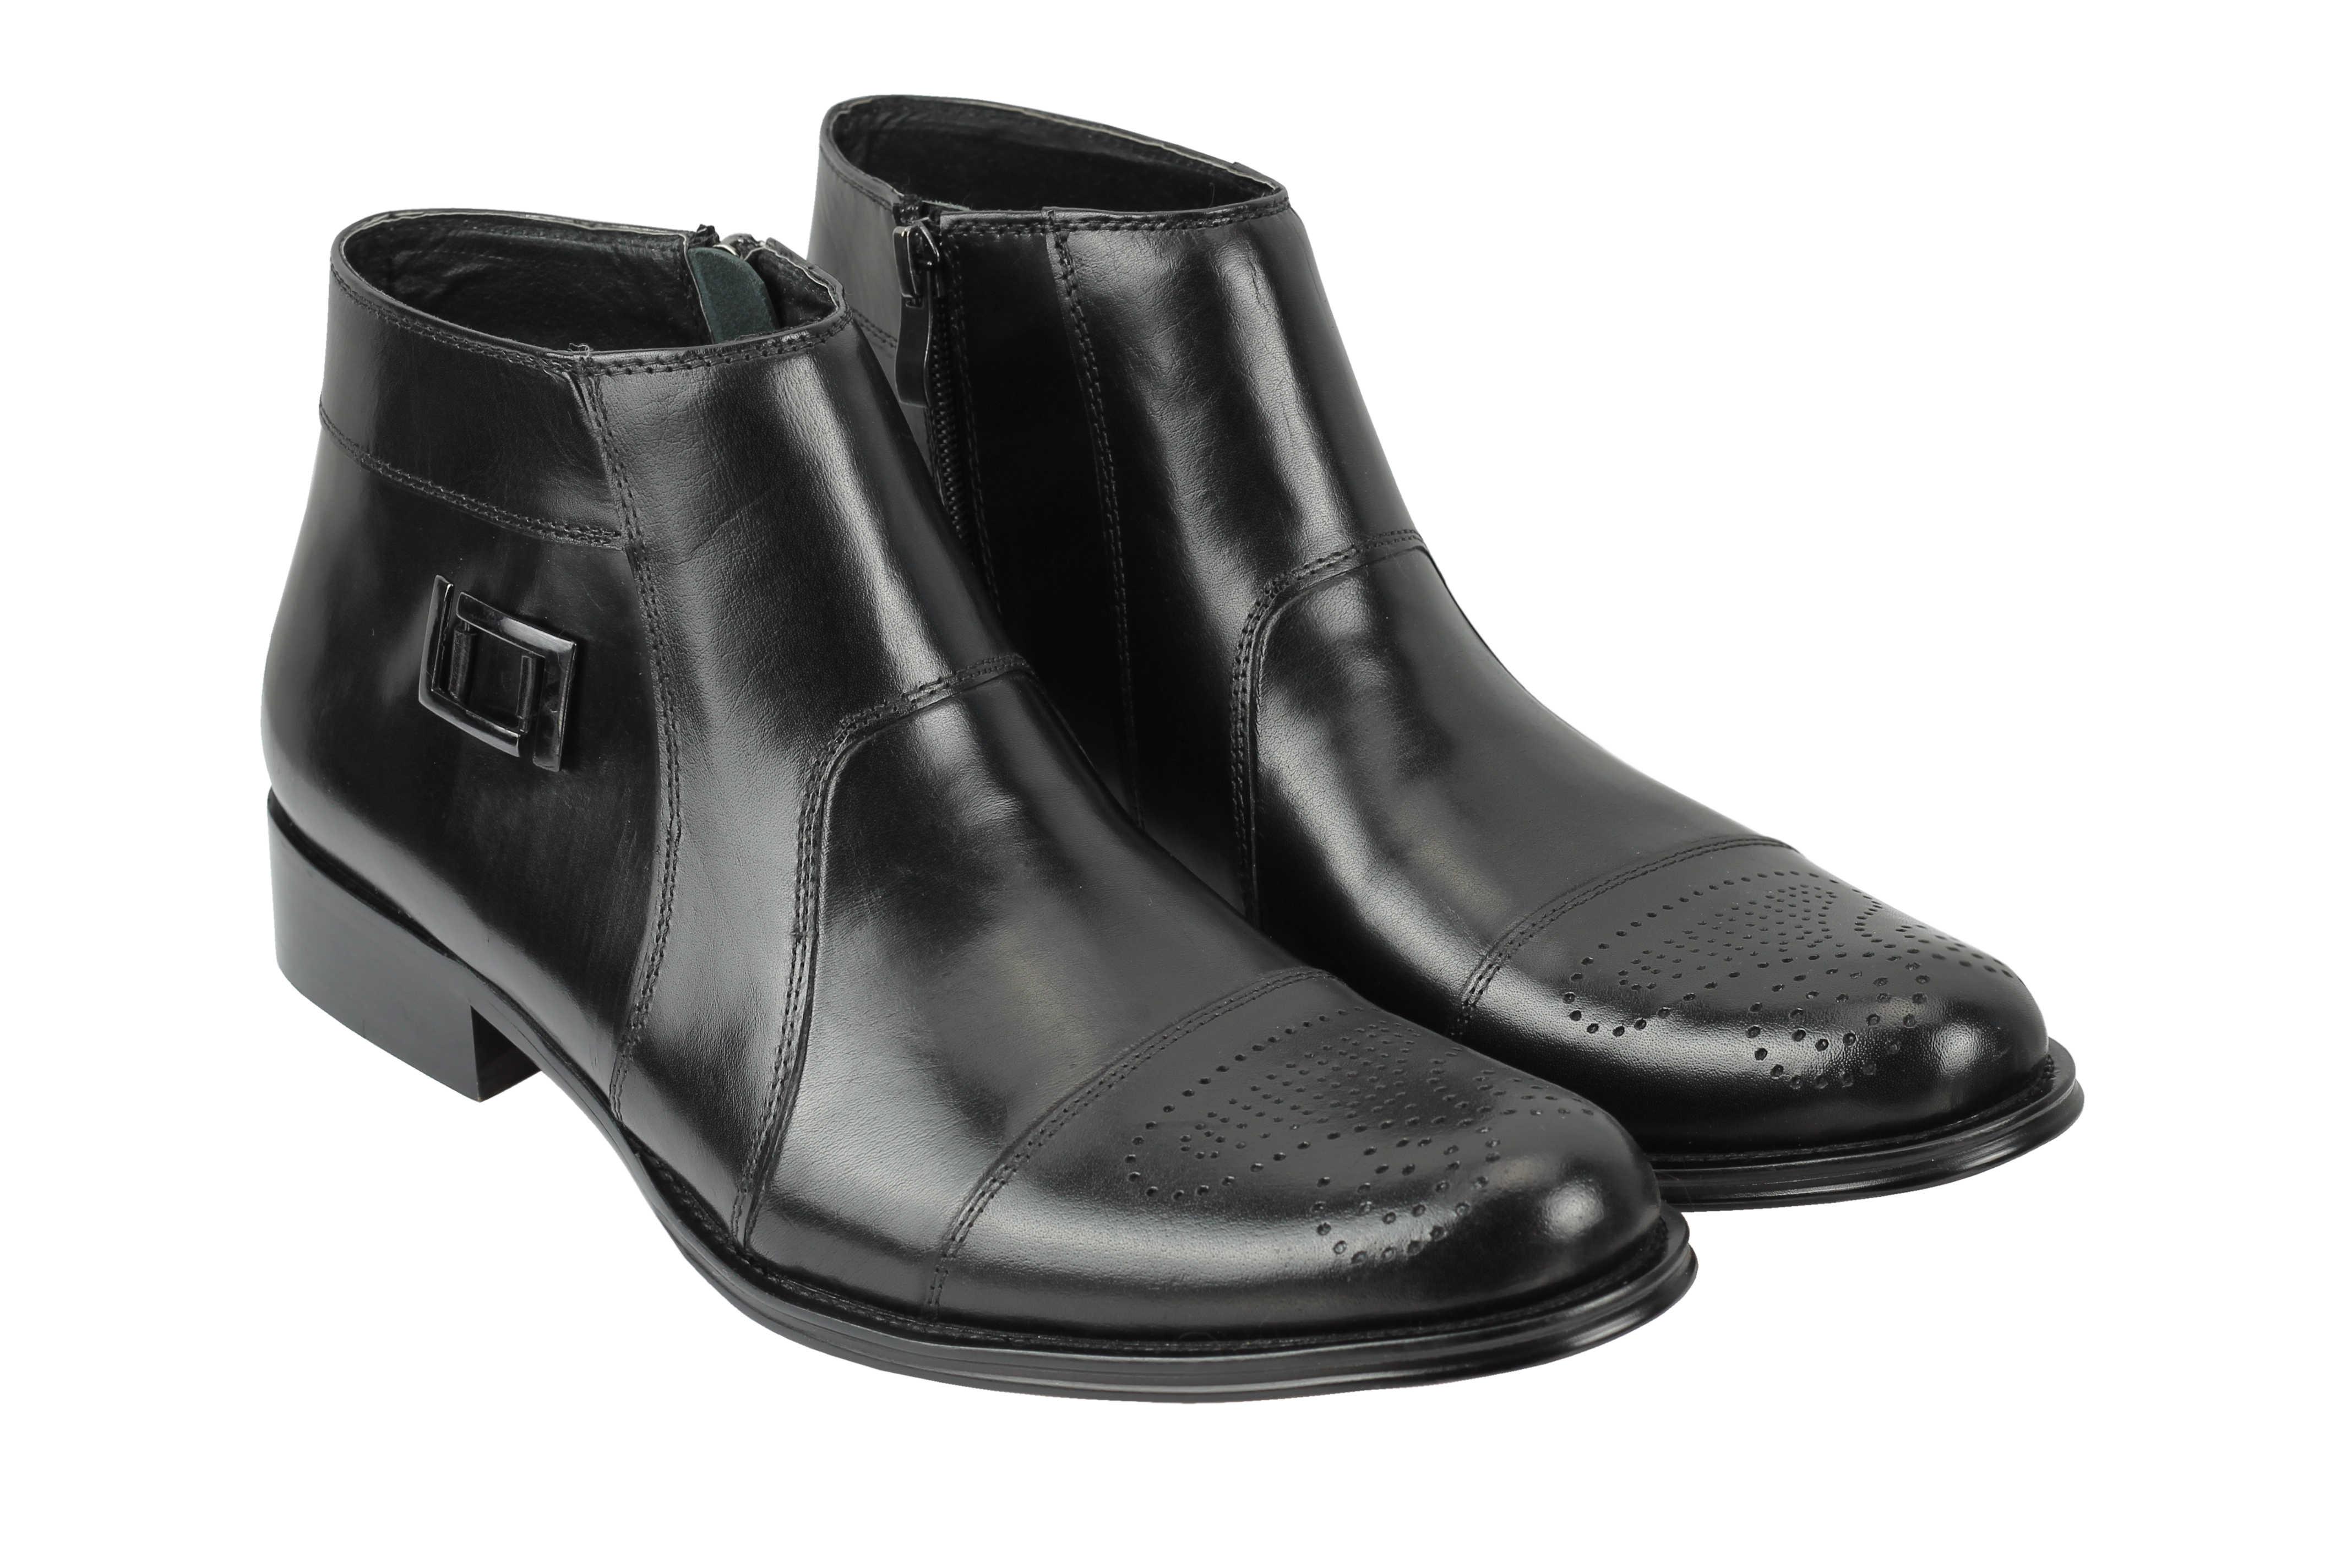 sale retailer 0b1e7 d4e1d ... Uomo vera pelle pelle pelle Stivali Smart Vintage Caviglia Zip CALATA  Scarpe in Nero Marrone dd42cd ...